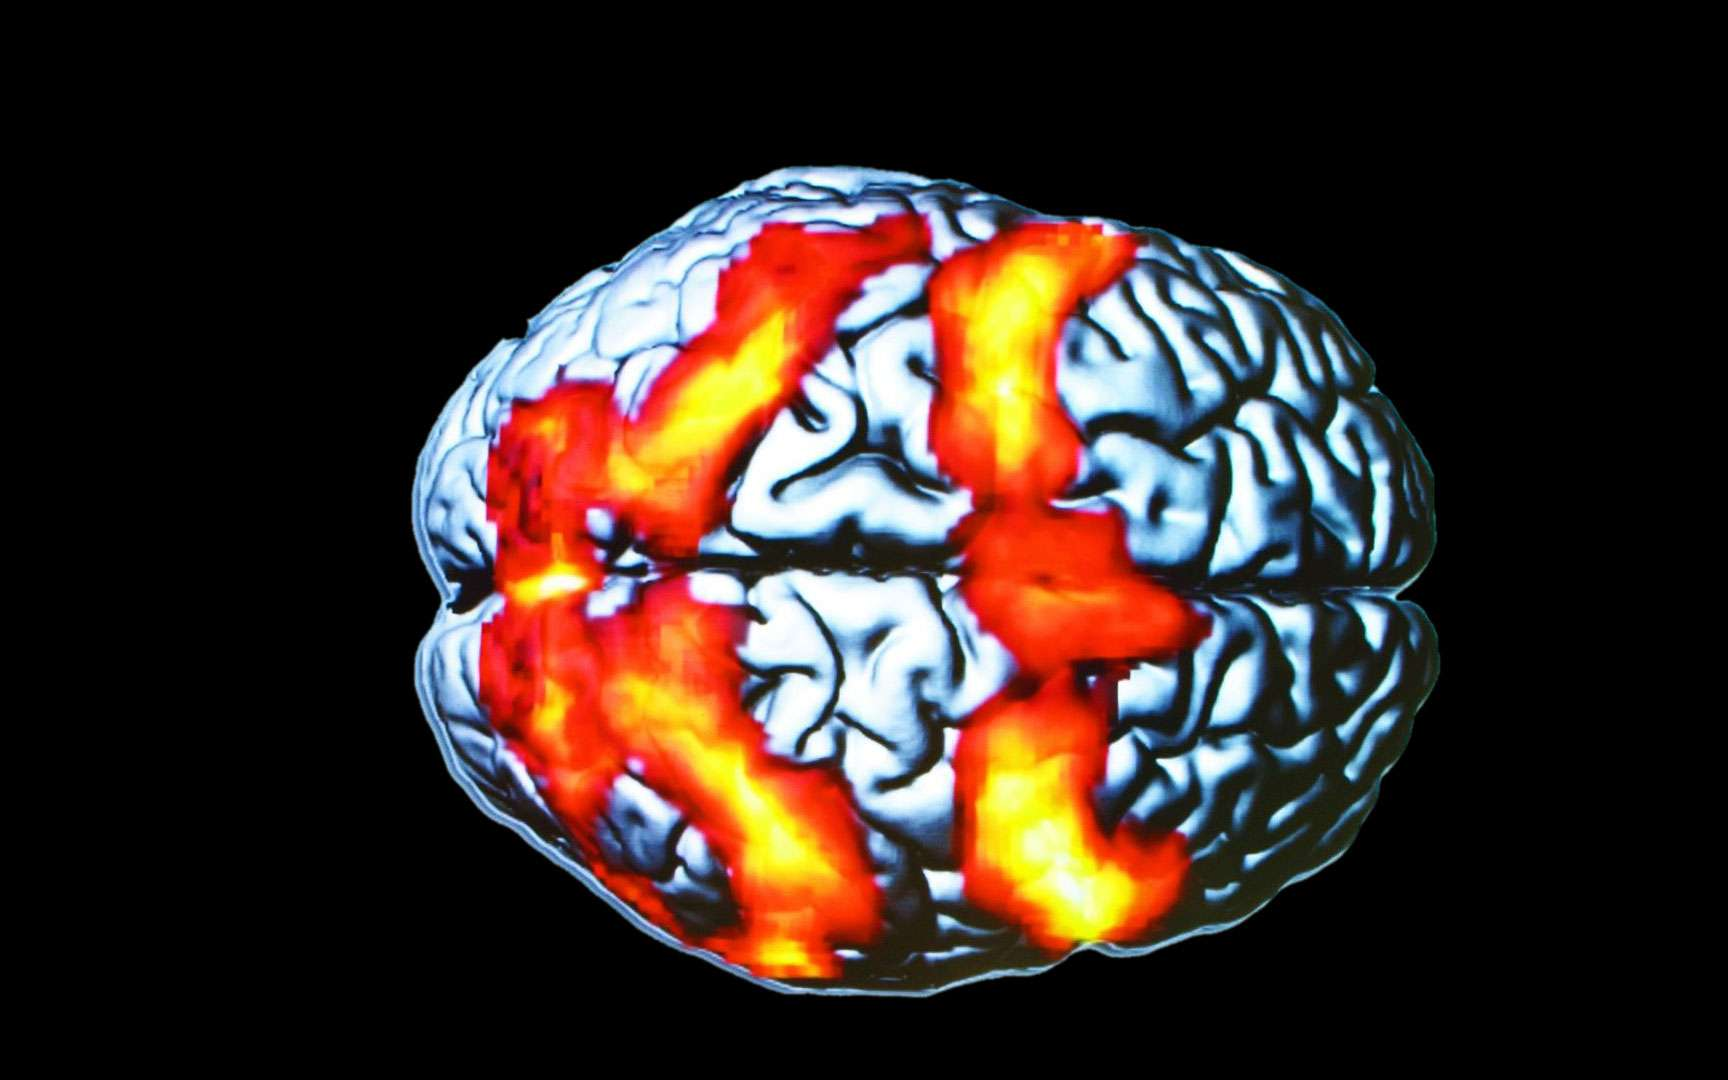 L'IRM permet de voir les régions qui s'activent dans le cerveau. Ce cliché d'IRM fonctionnelle n'a rien à voir avec un test de Rorschach (ces planches utilisées en psychiatrie pour évaluer la santé psychiatrique d'un individu). Les taches orange correspondent aux régions du cerveau activées par un sujet lors d'un exercice durant lequel il devait suivre des yeux une cible mobile. © CNRS Photothèque, Ci-Naps, Laurent Petit, Bernard Mazoyer